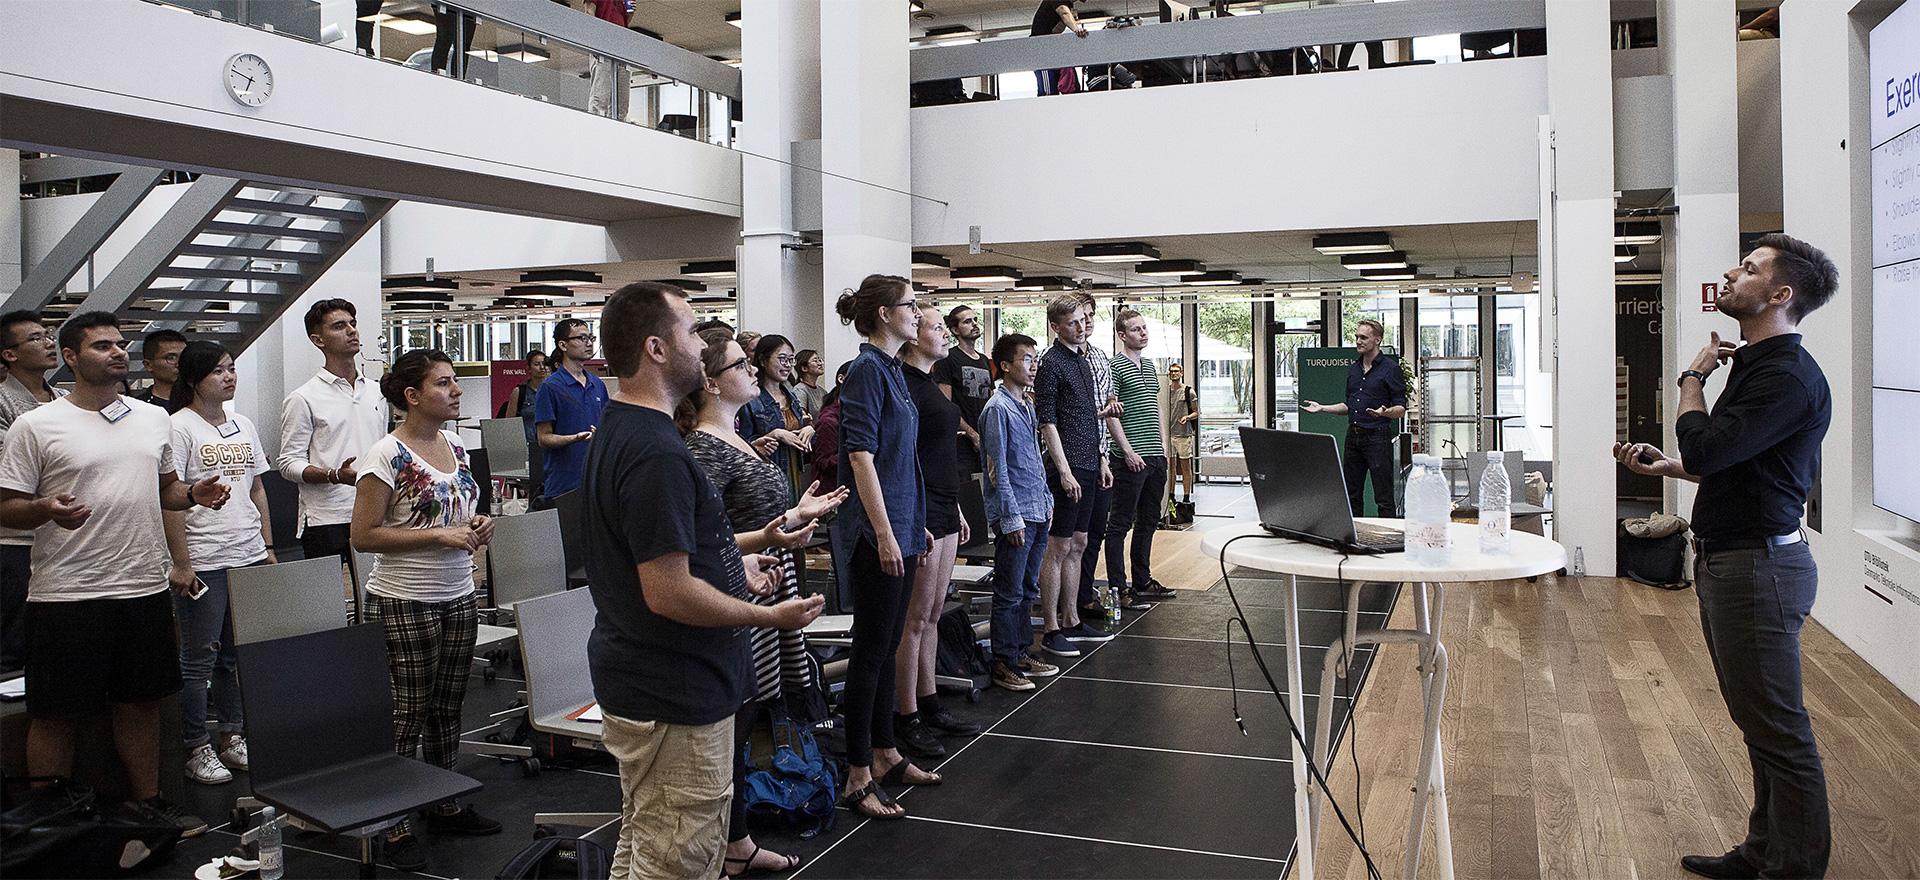 Dansk universitet sætter præsentationsteknik på skemaet: De studerende skal lære at formidle deres viden